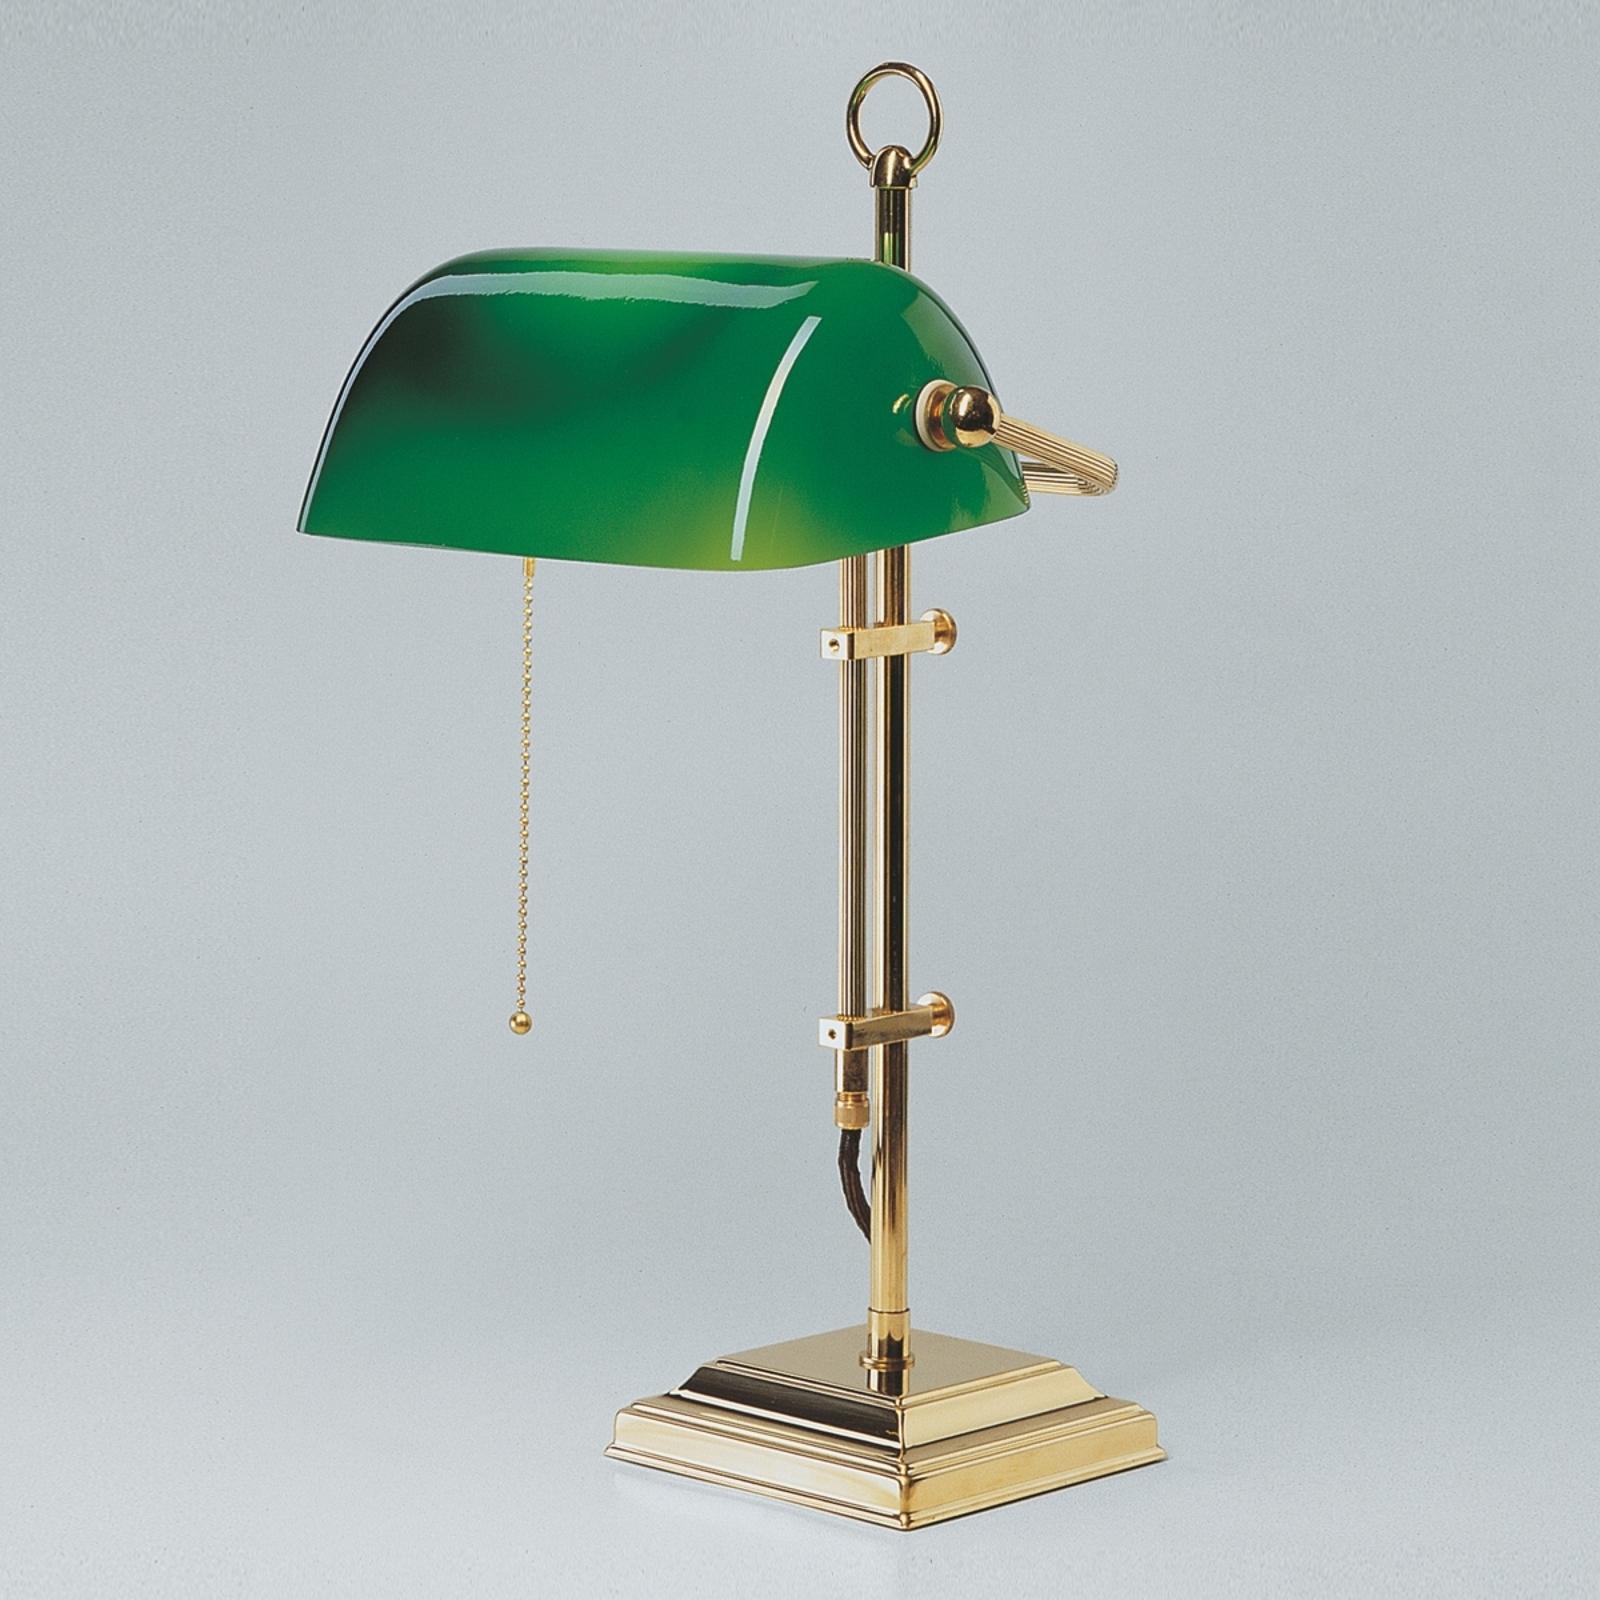 Lampa bankierska GITA z polerowanego mosiądzu